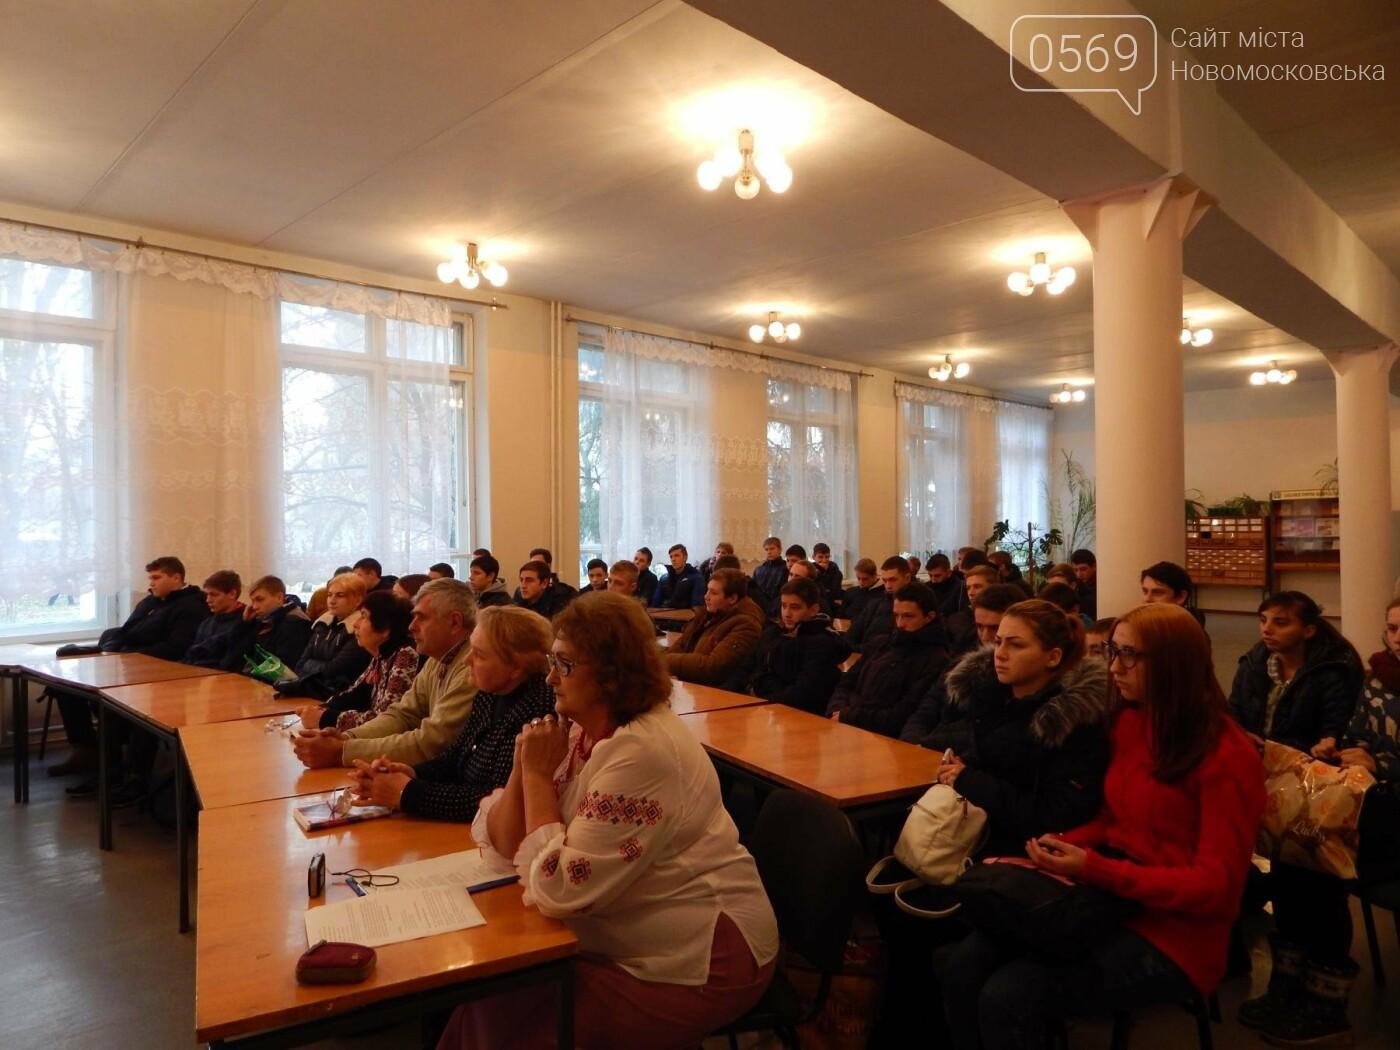 Новомосковські студенти відзначили День гідності та свободи, фото-1